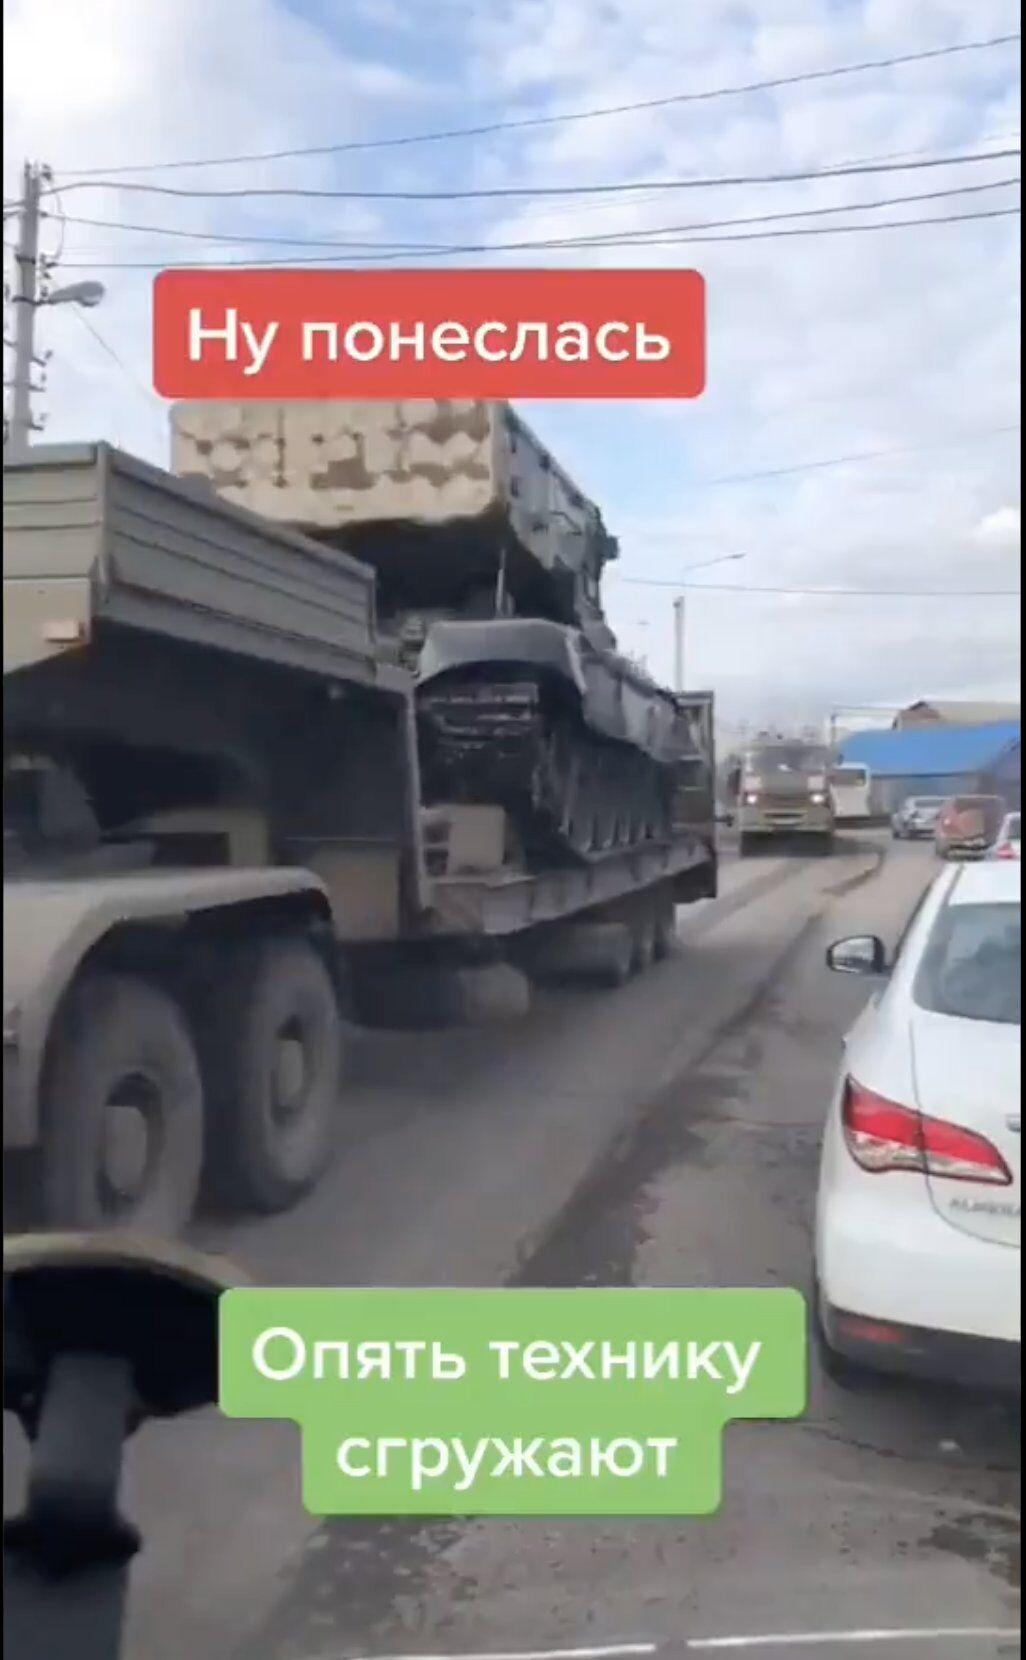 Перемешение техники в Воронеже